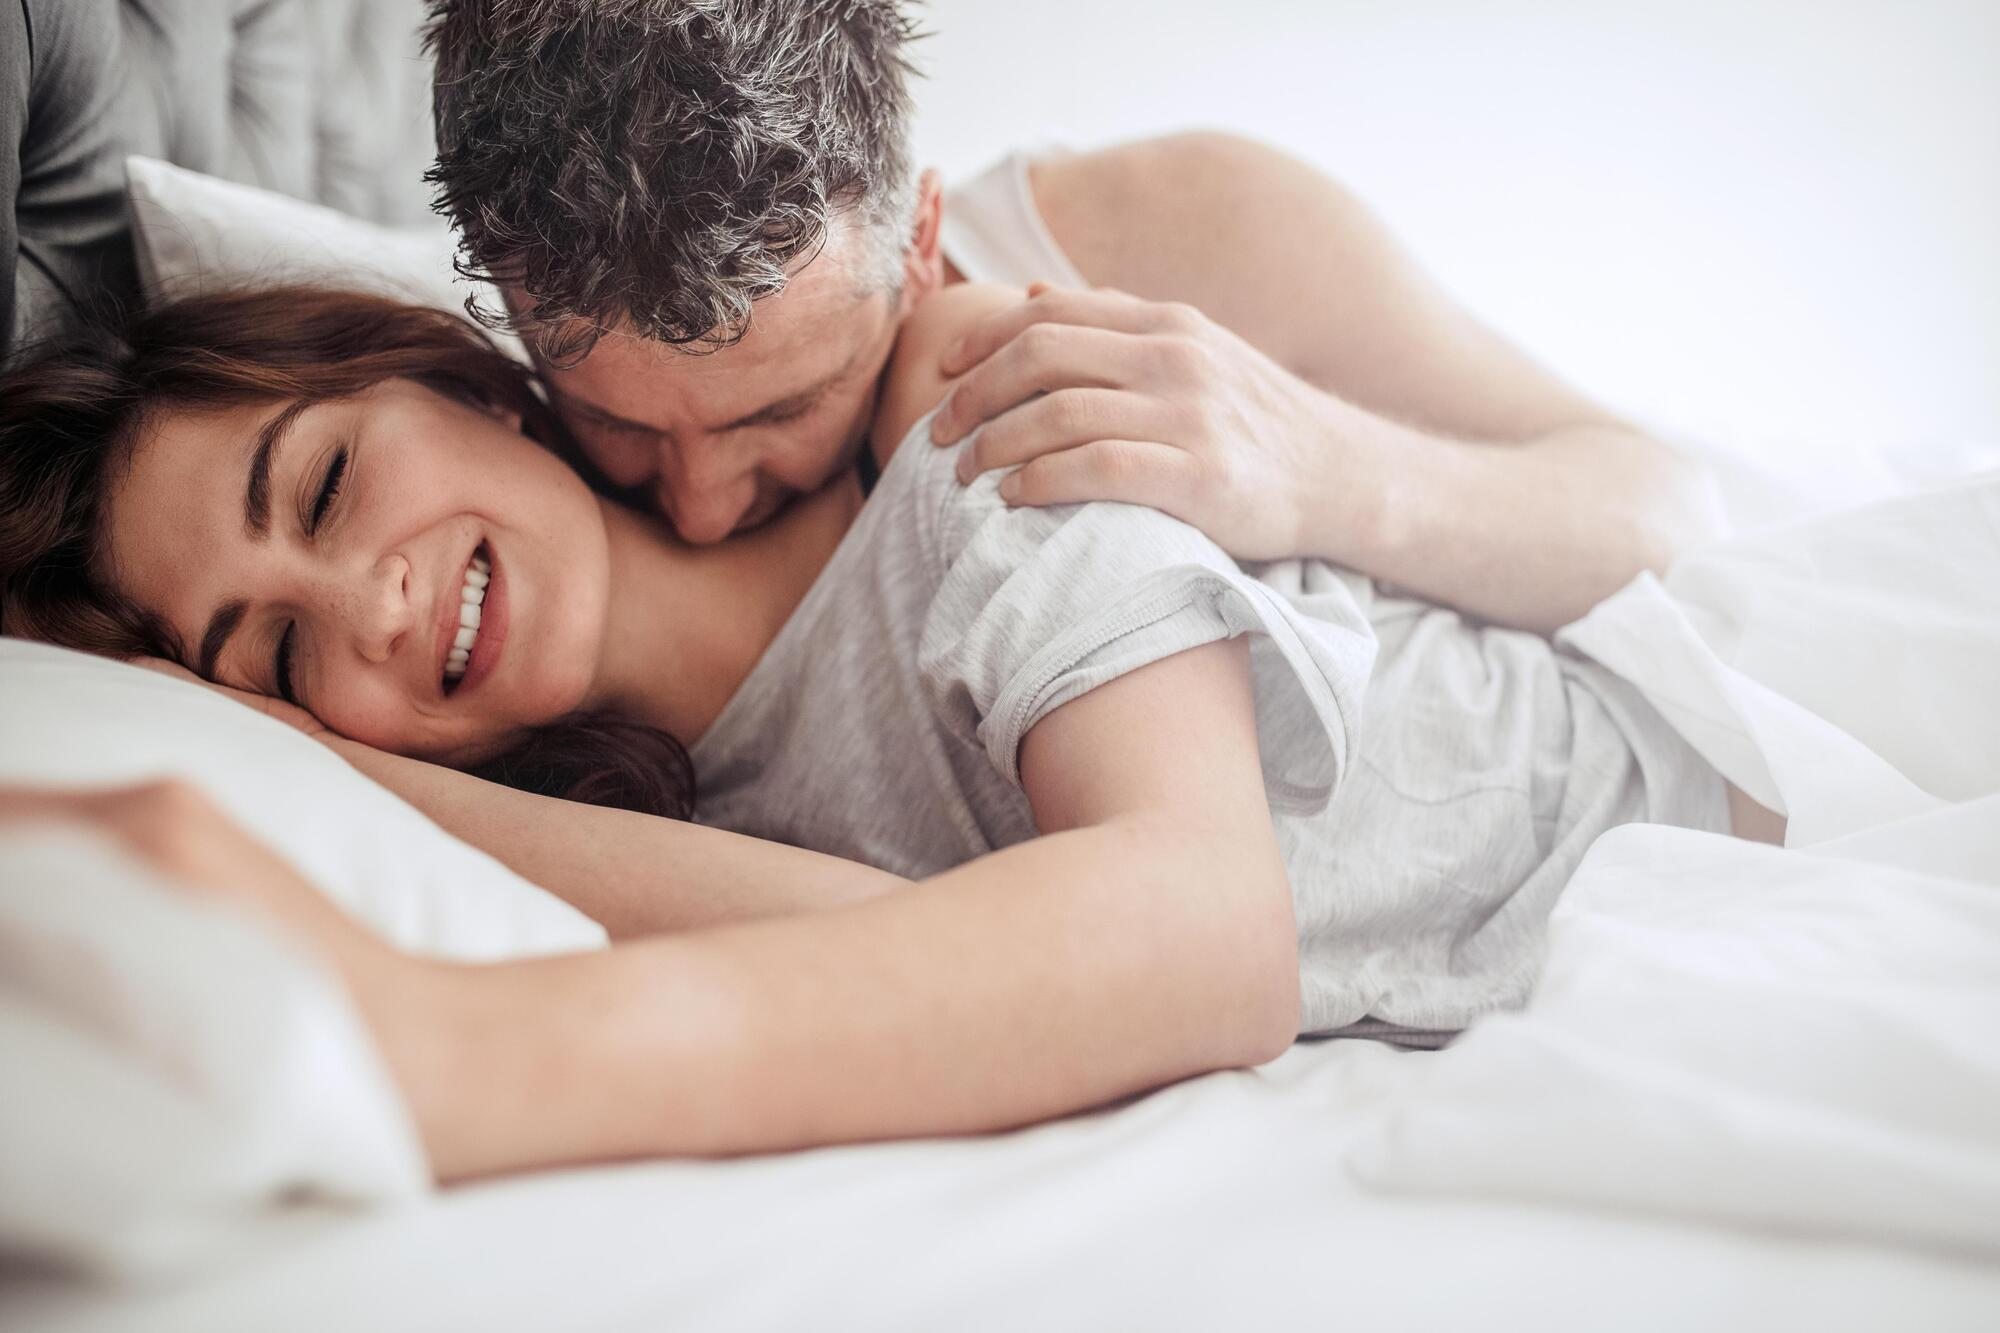 Порноактриса рассказала, как улучшить секс в паре